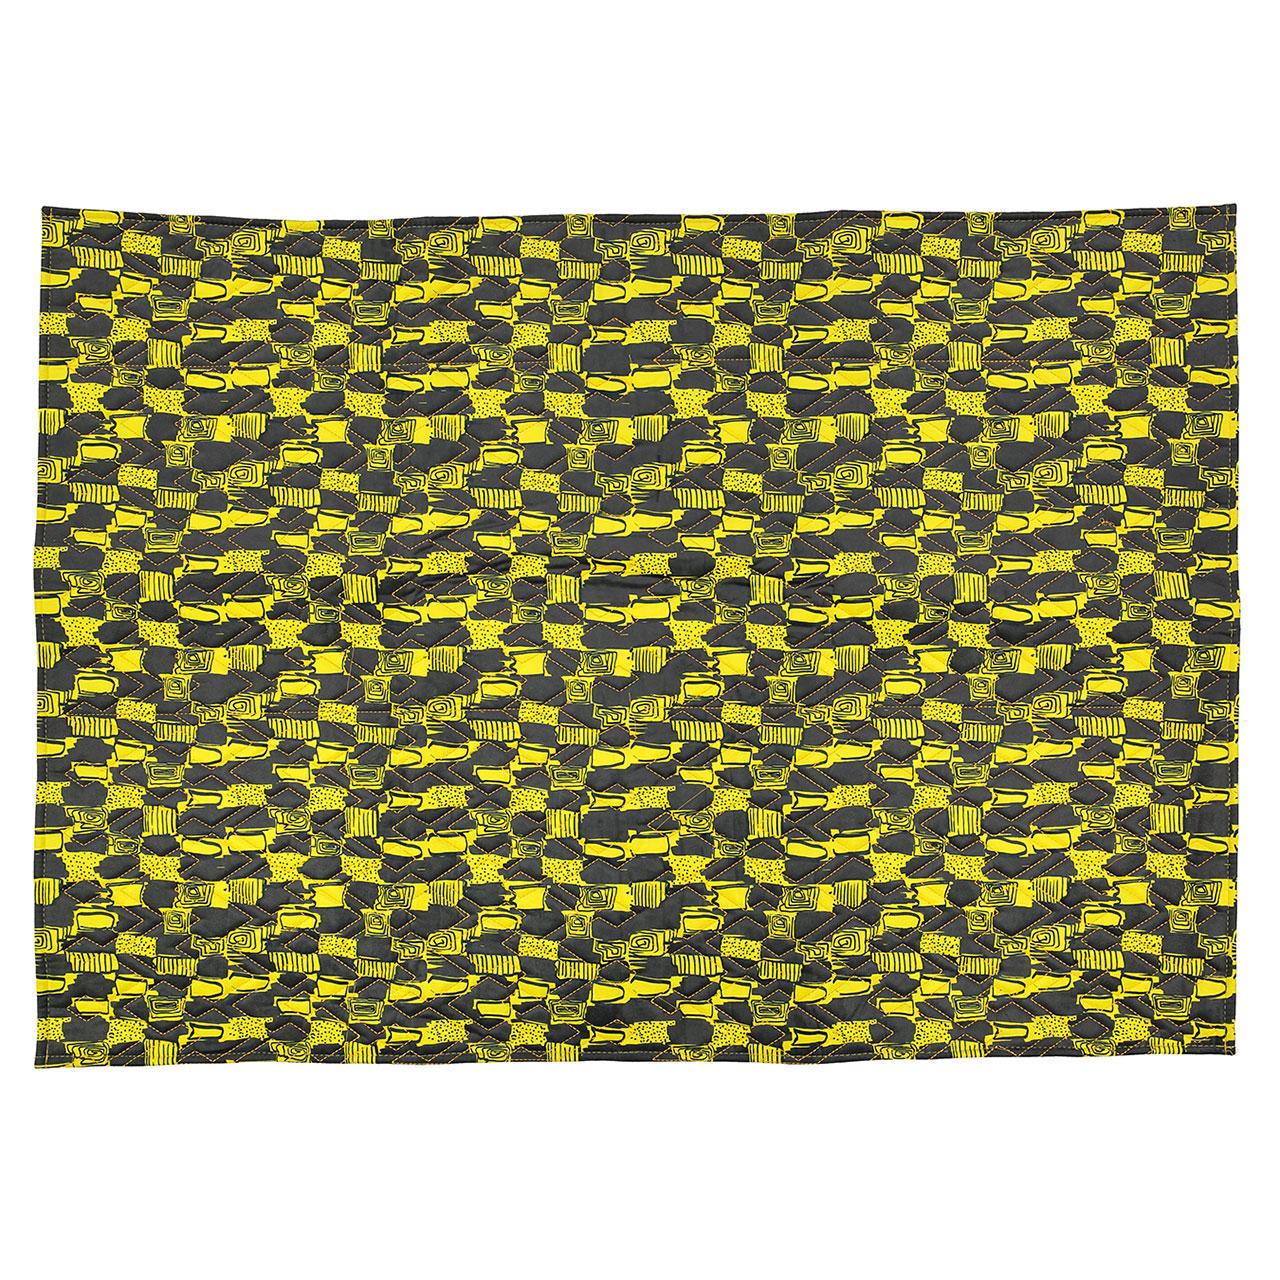 فرش پارچه ای گوشه سایز یک متر کد 25